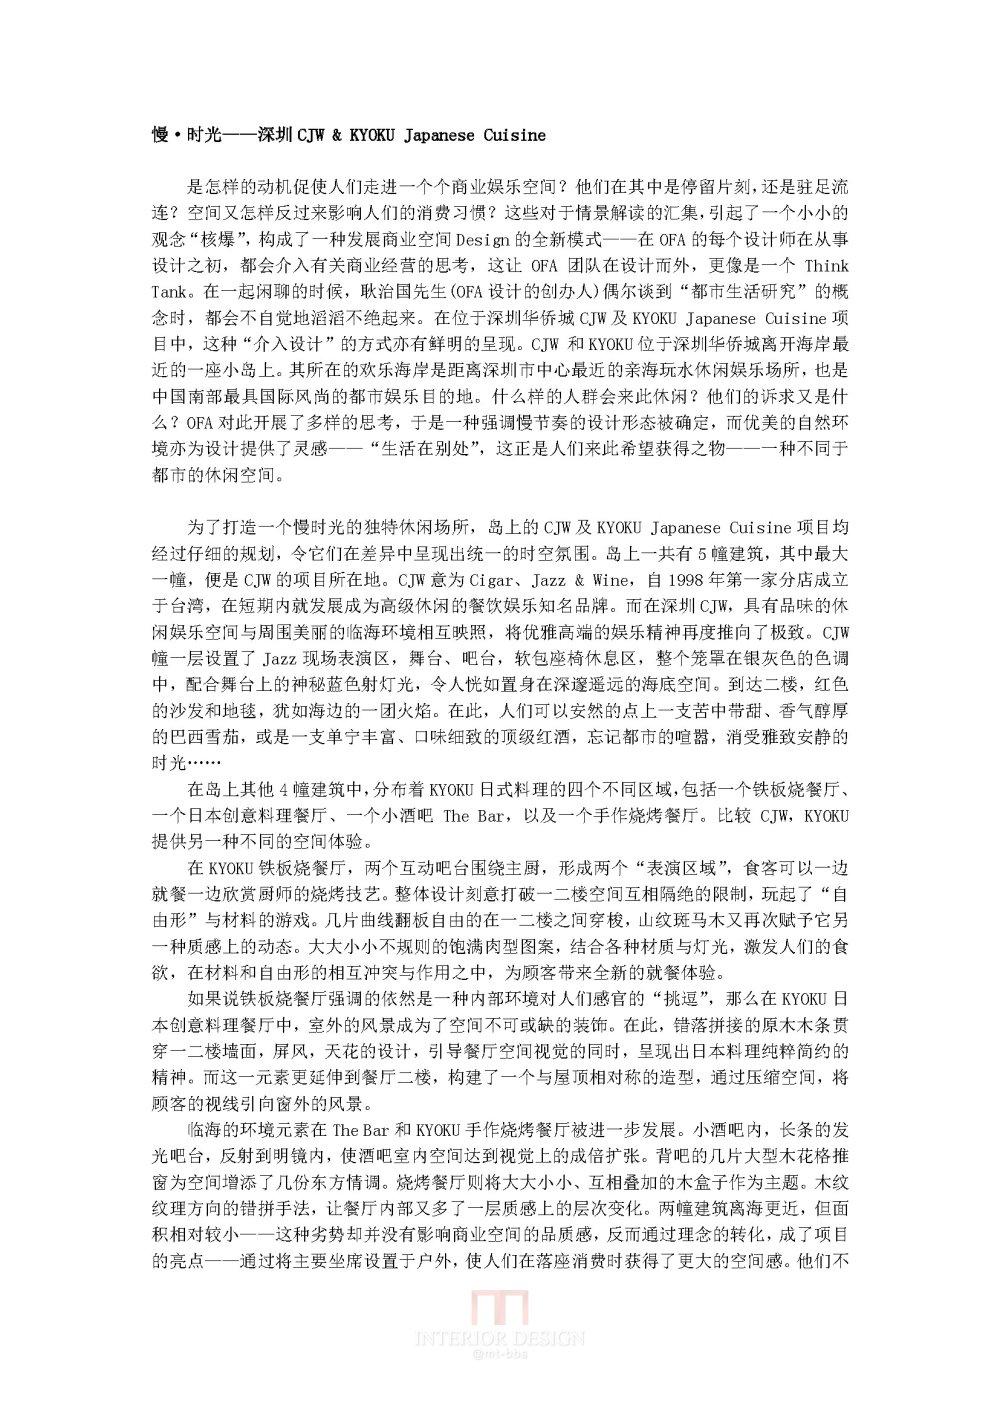 OFA飞形--深圳CJW+&+KYOKU+Japanese+Cuisine_慢_时光——深圳CJW & KYOKU Japanese Cuisine_页面_1.jpg